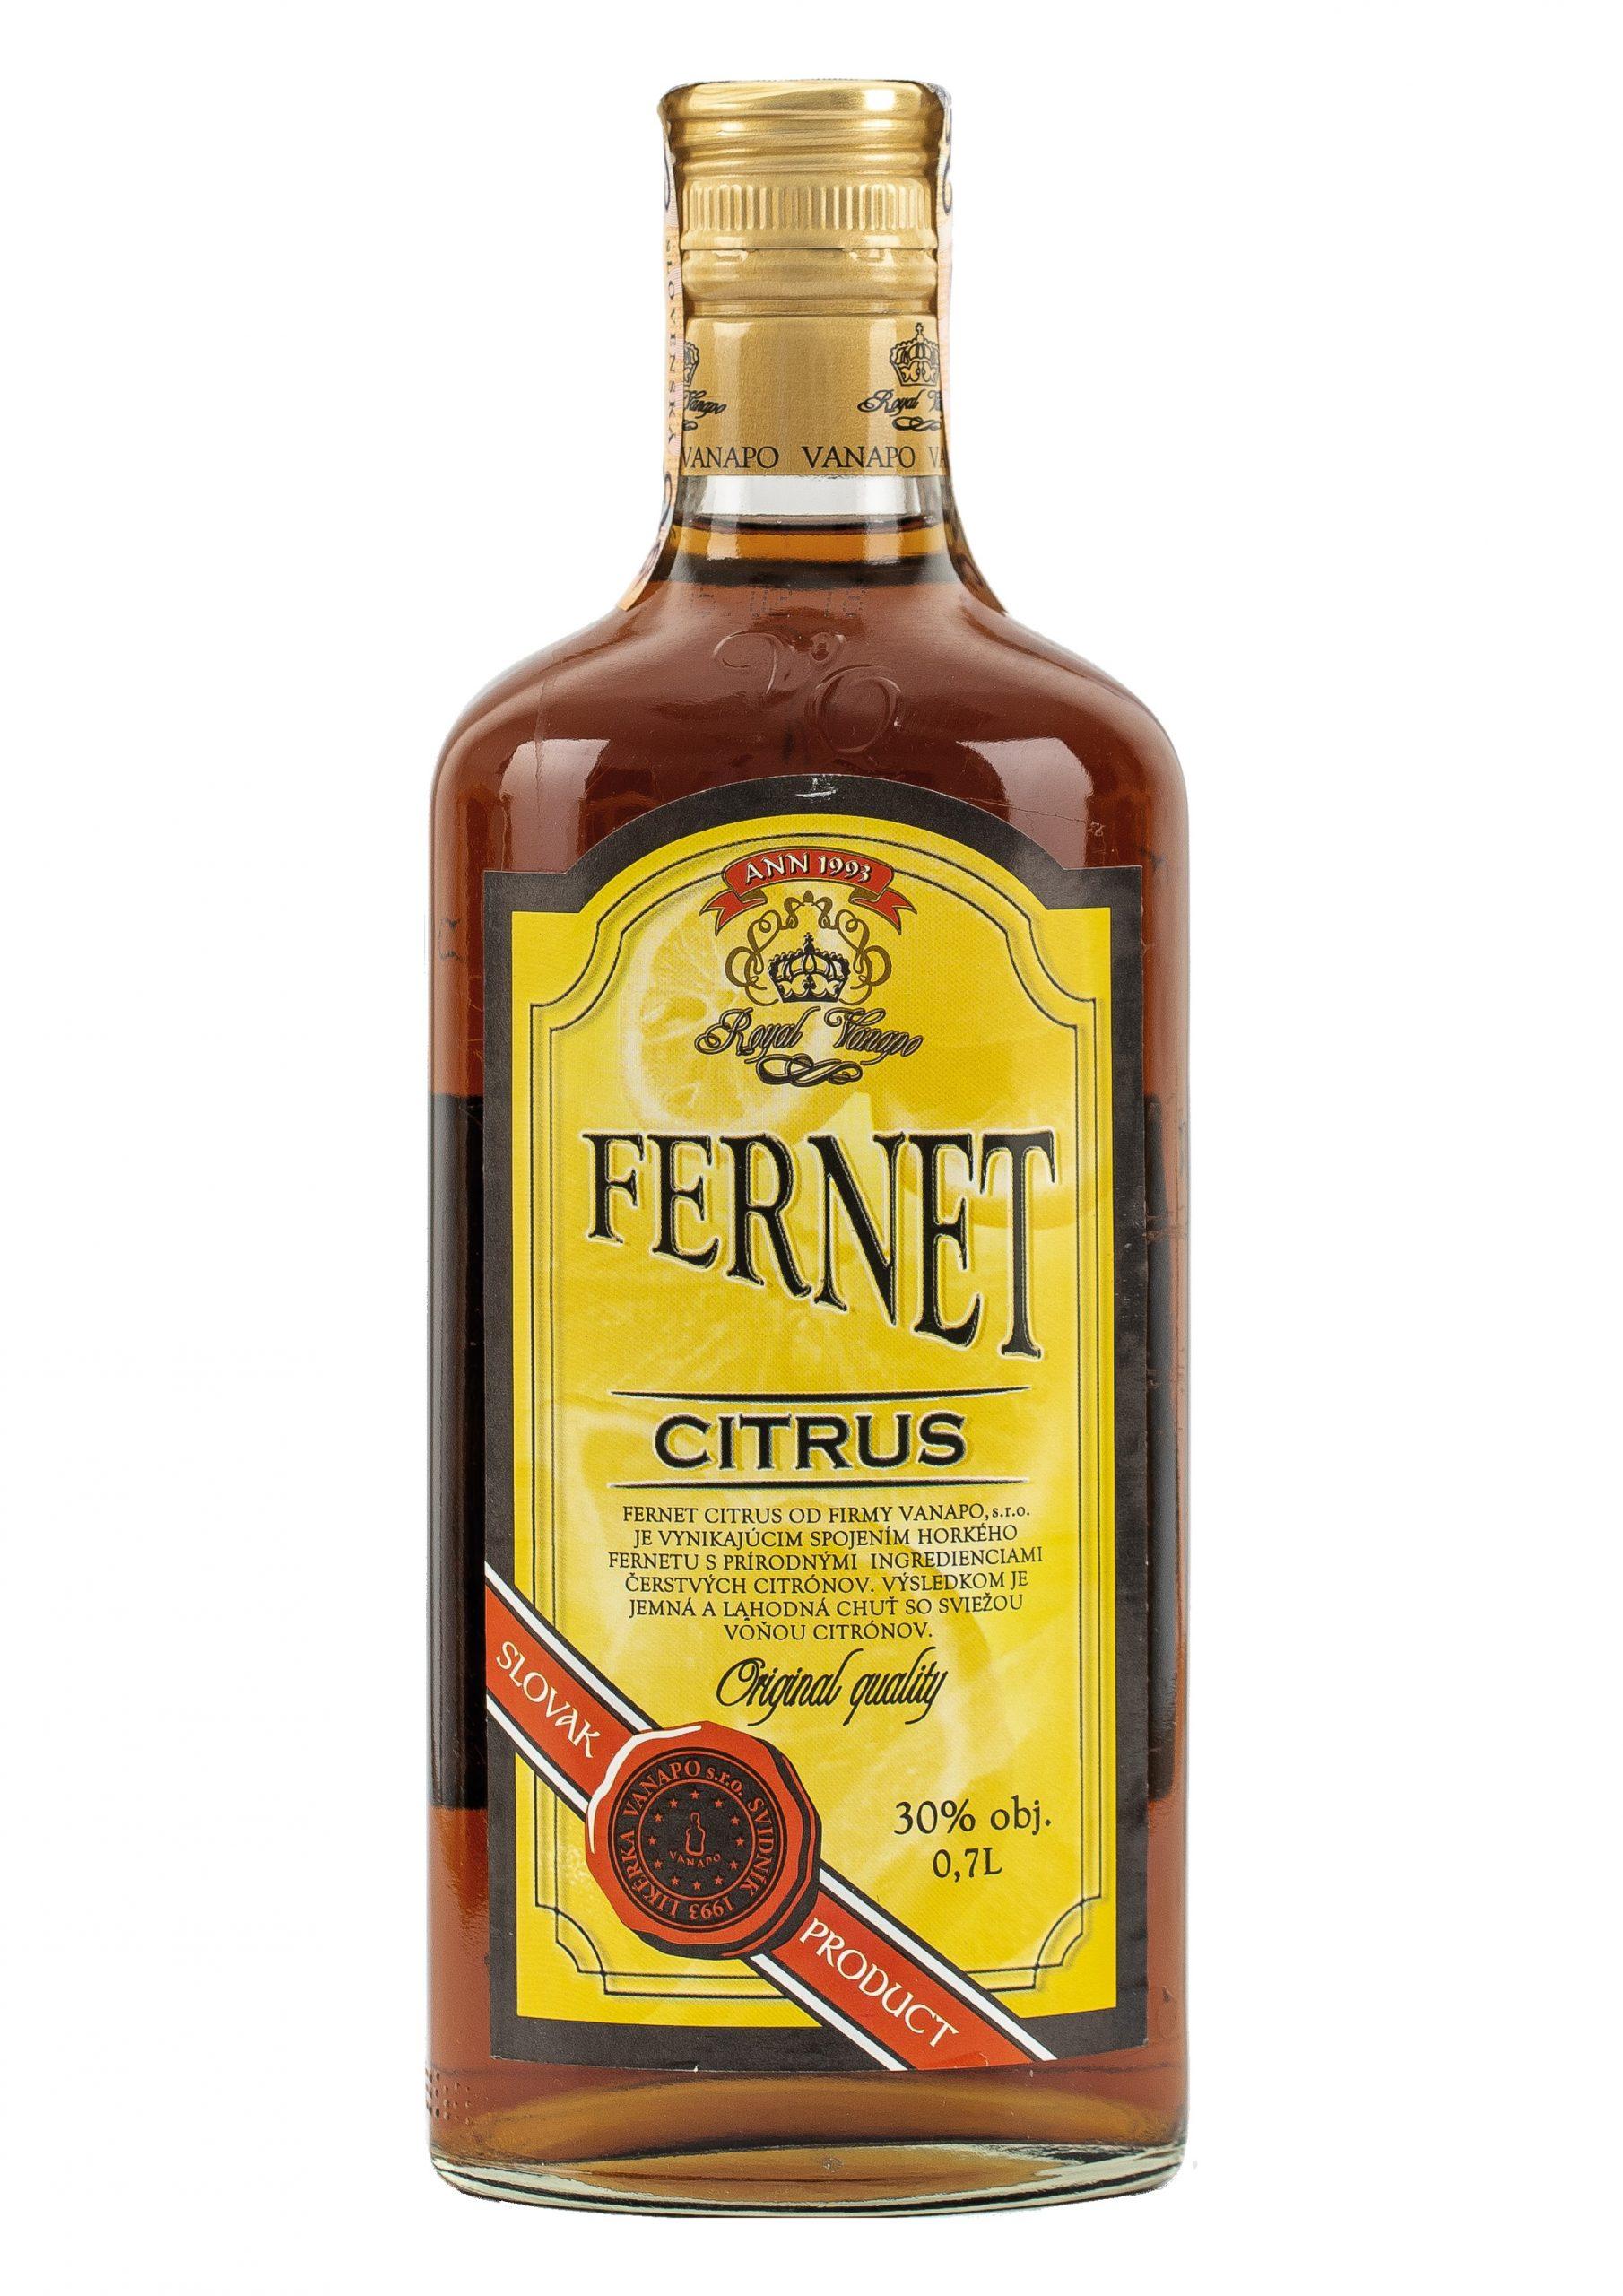 Fernet Citrus Royal 30 07L scaled 1 - Fernet Citrus Royal